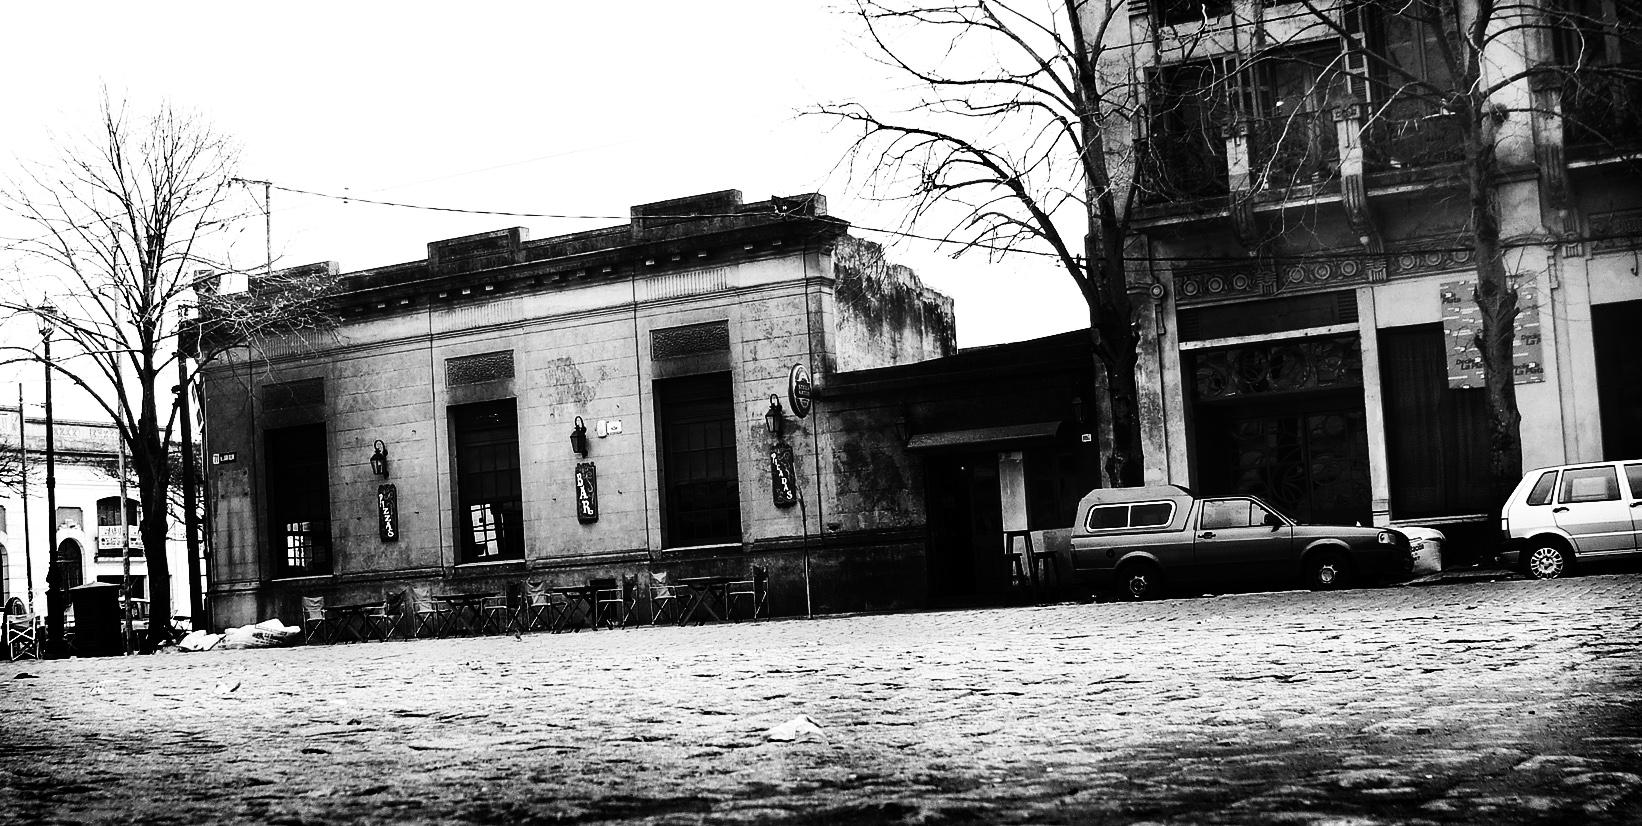 vieja estacion